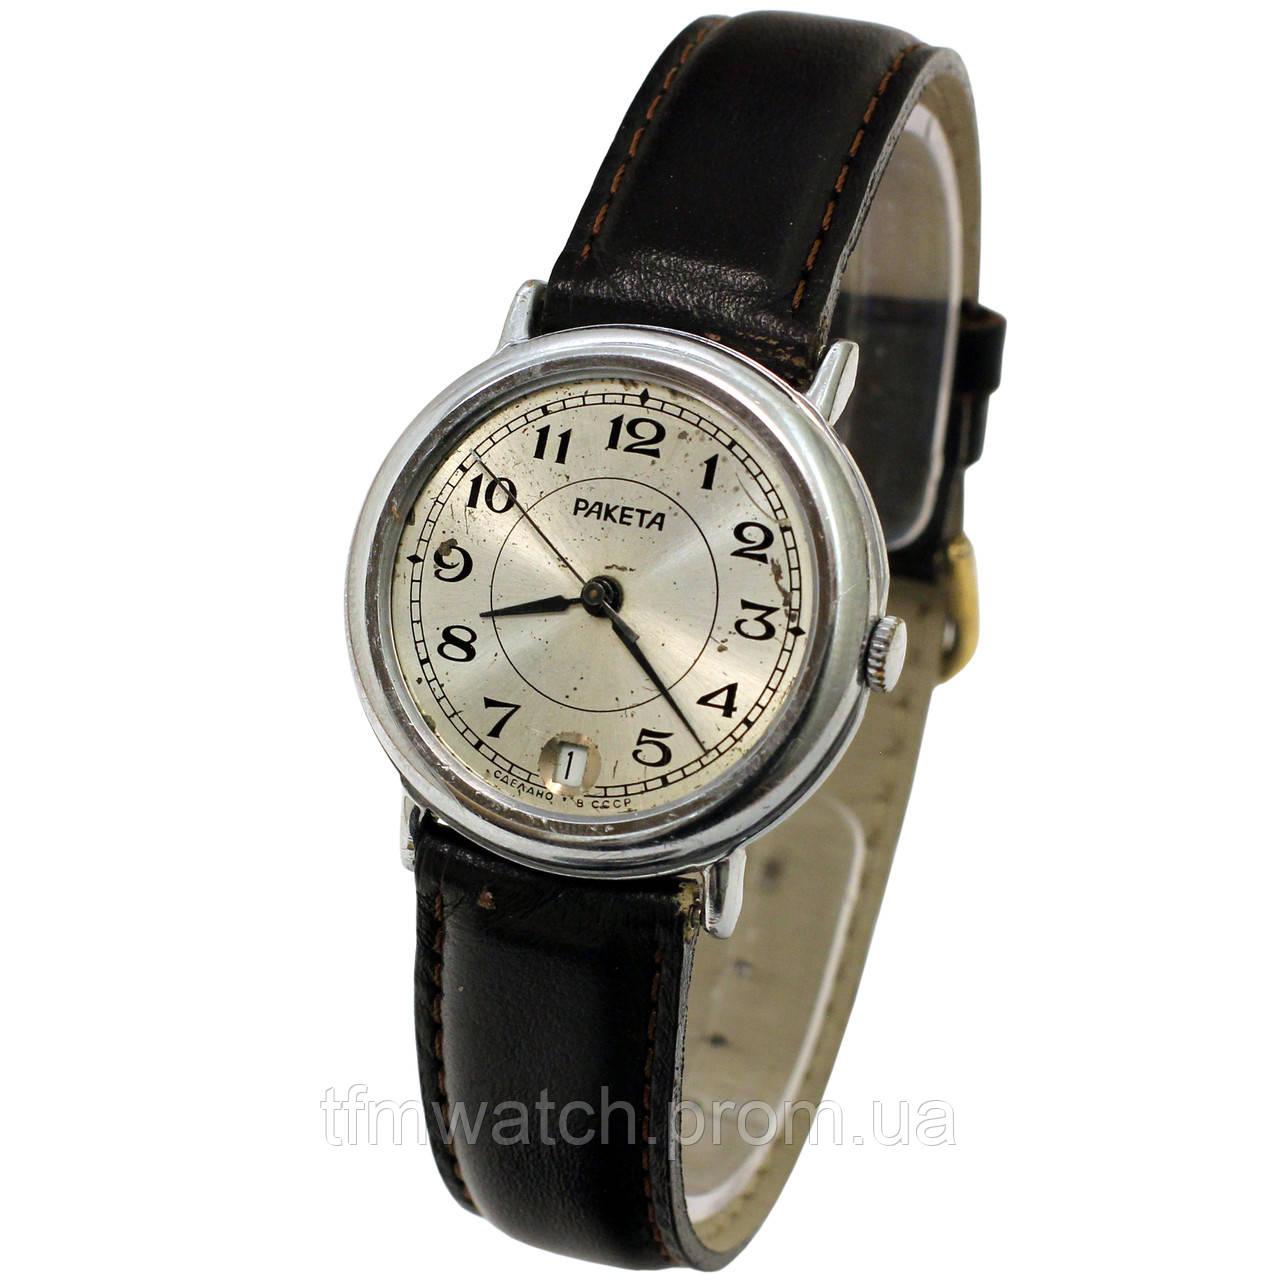 Ссср часы в ракета цена продать сделано филипп стоимость часы патек